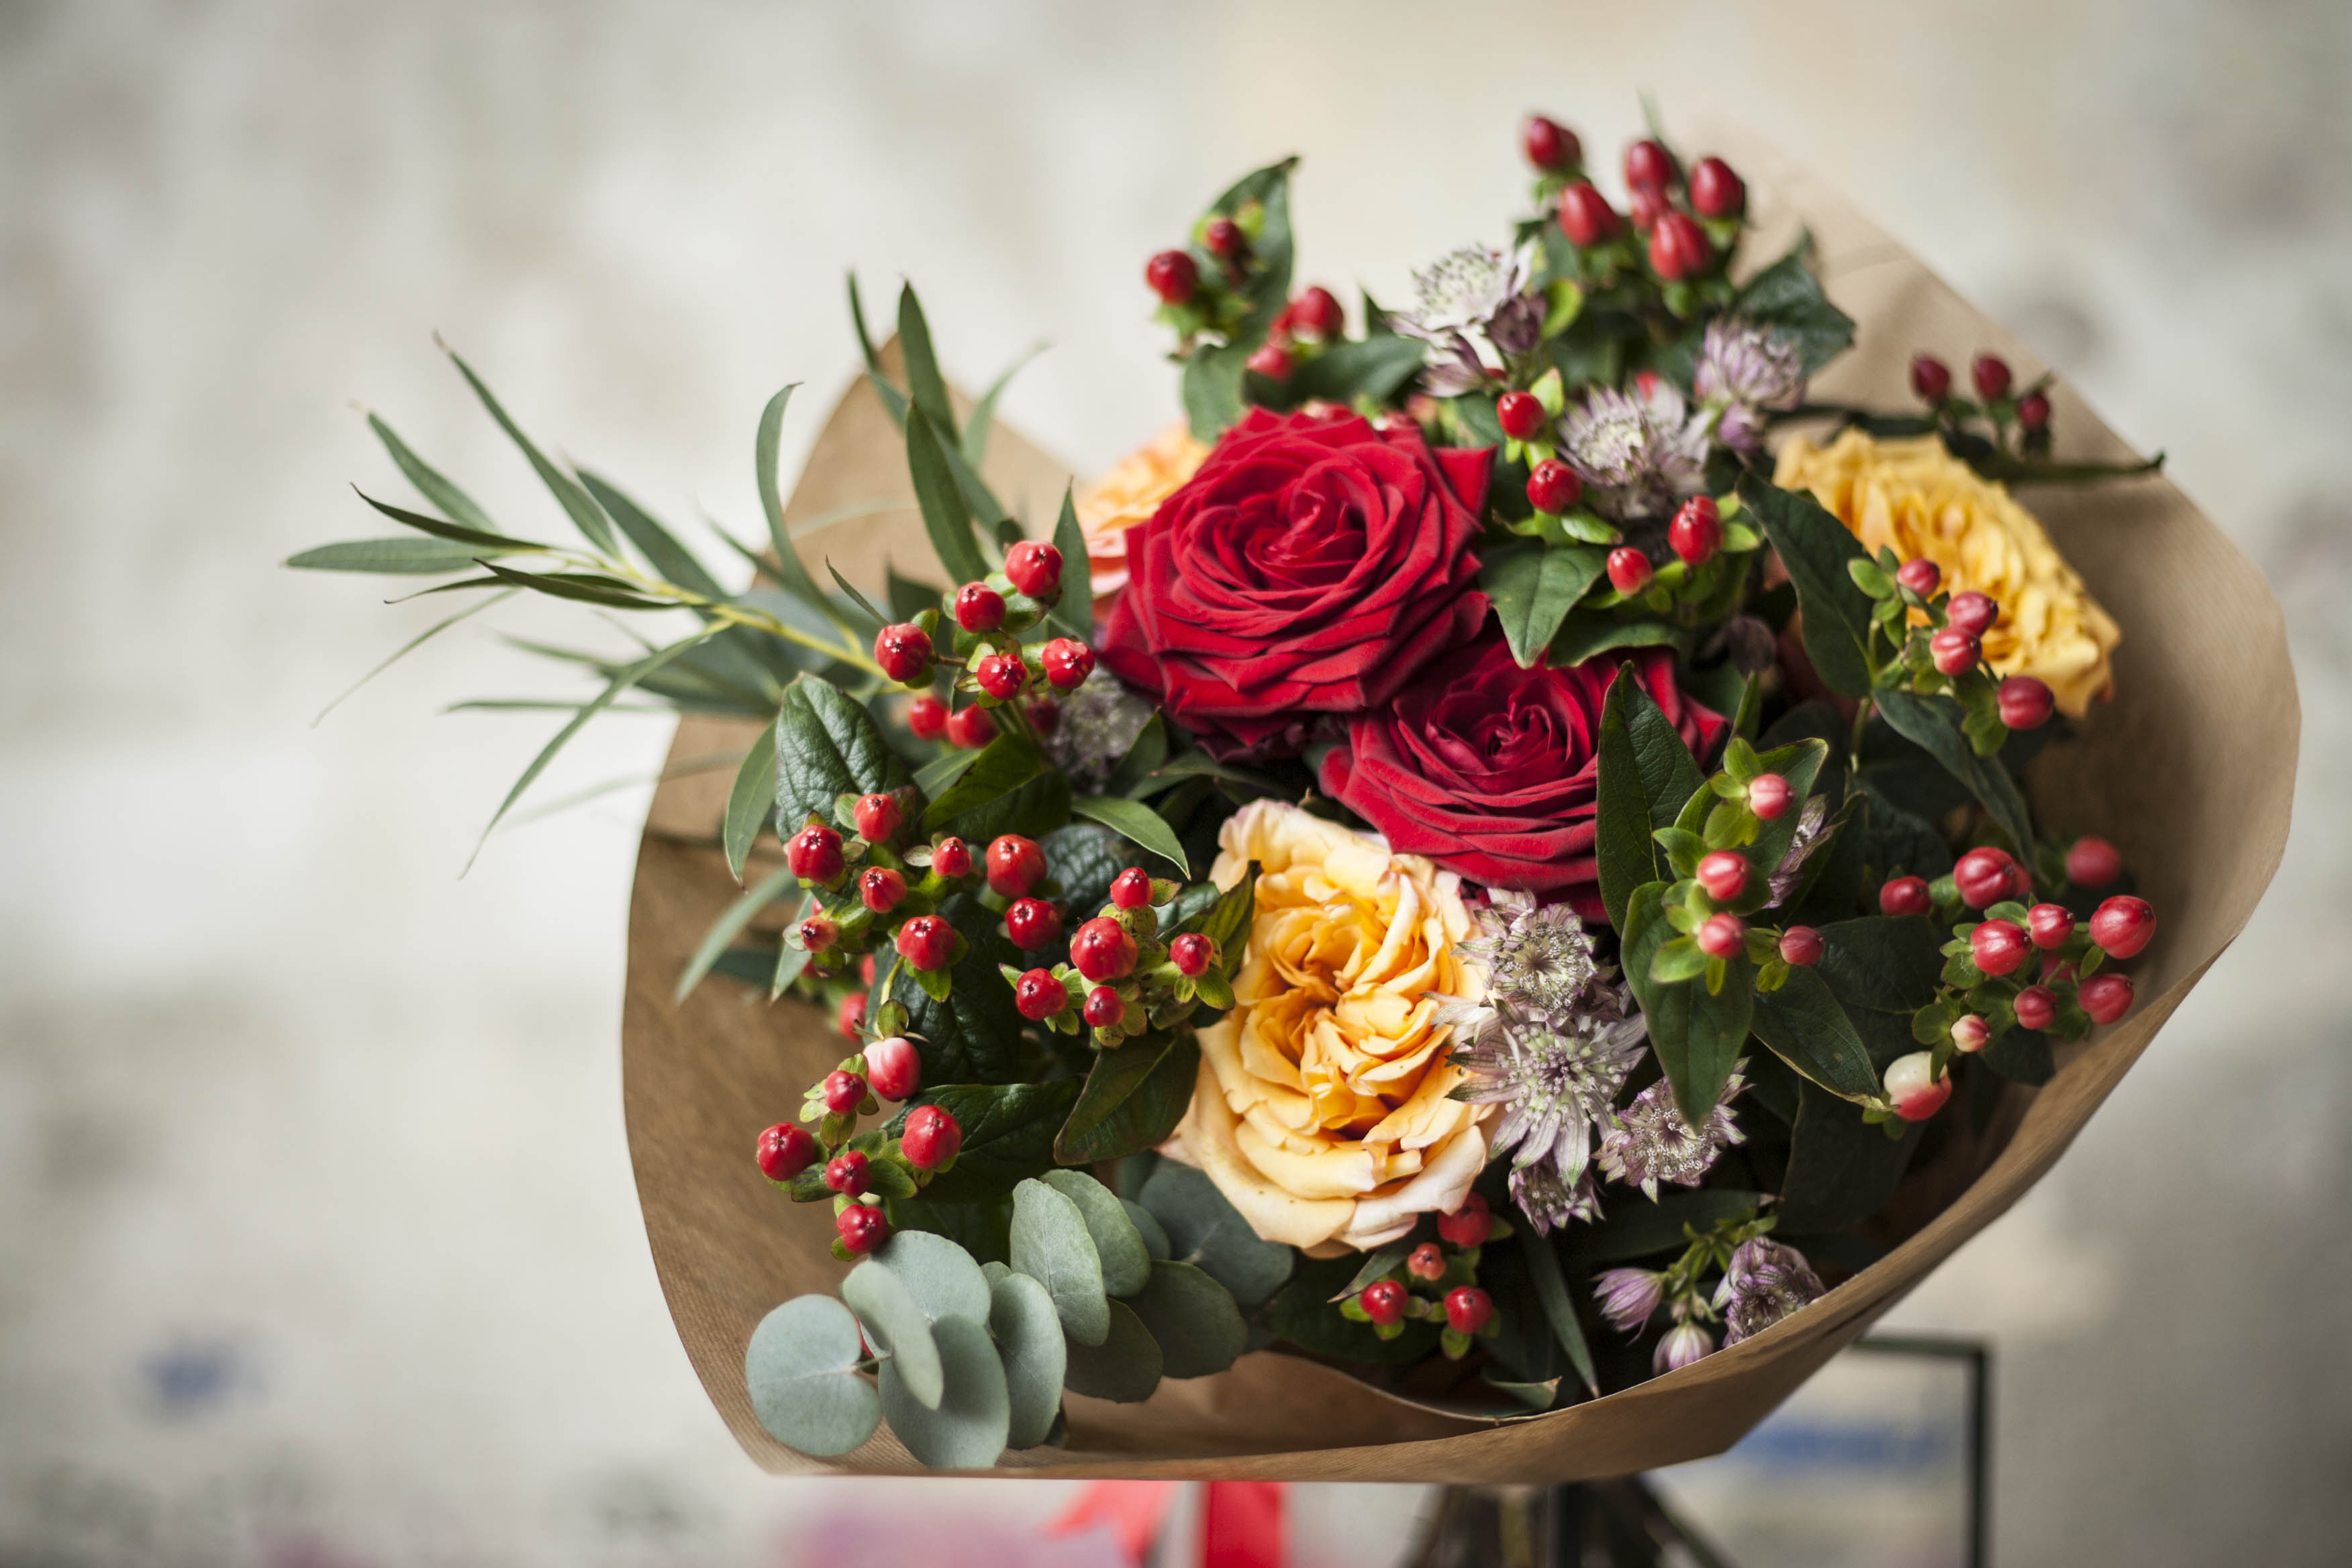 Hình ảnh bó hoa hồng đẹp nhất thế giới